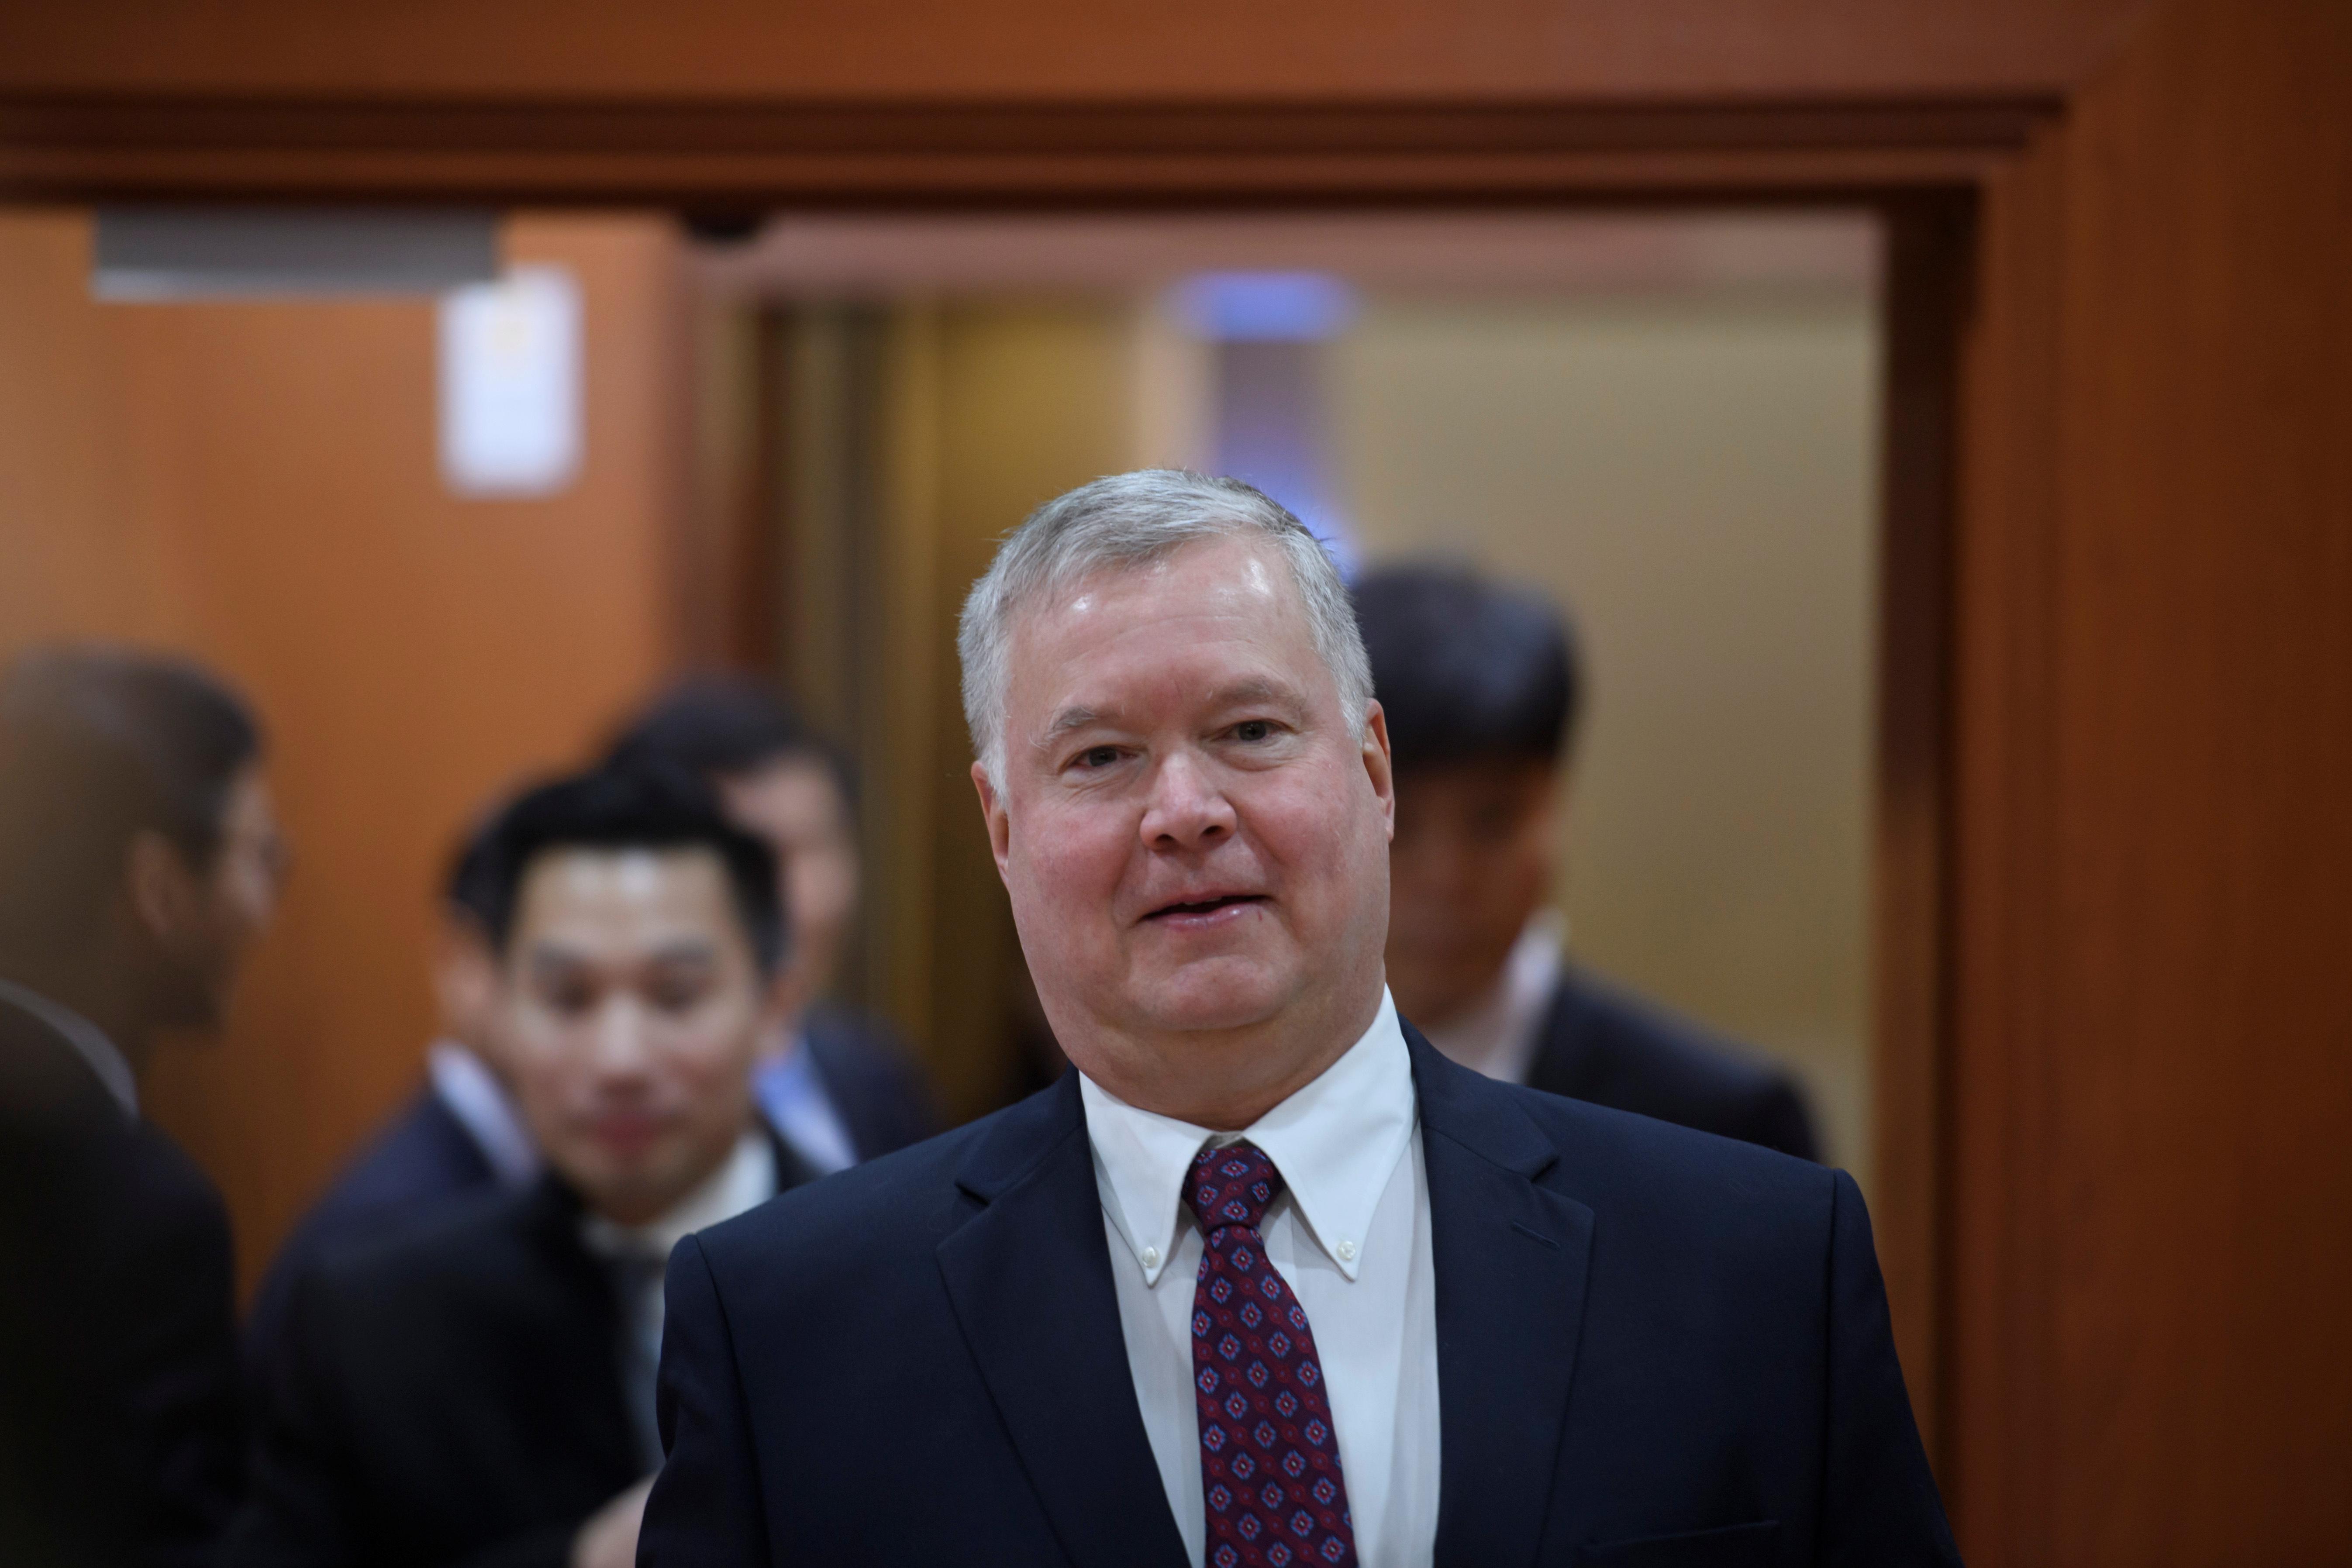 ΗΠΑ: Ο ειδικός απεσταλμένος για τη Βόρεια Κορέα έγινε επισήμως ο δεύτερος τη τάξει της αμερικανικής διπλωματίας